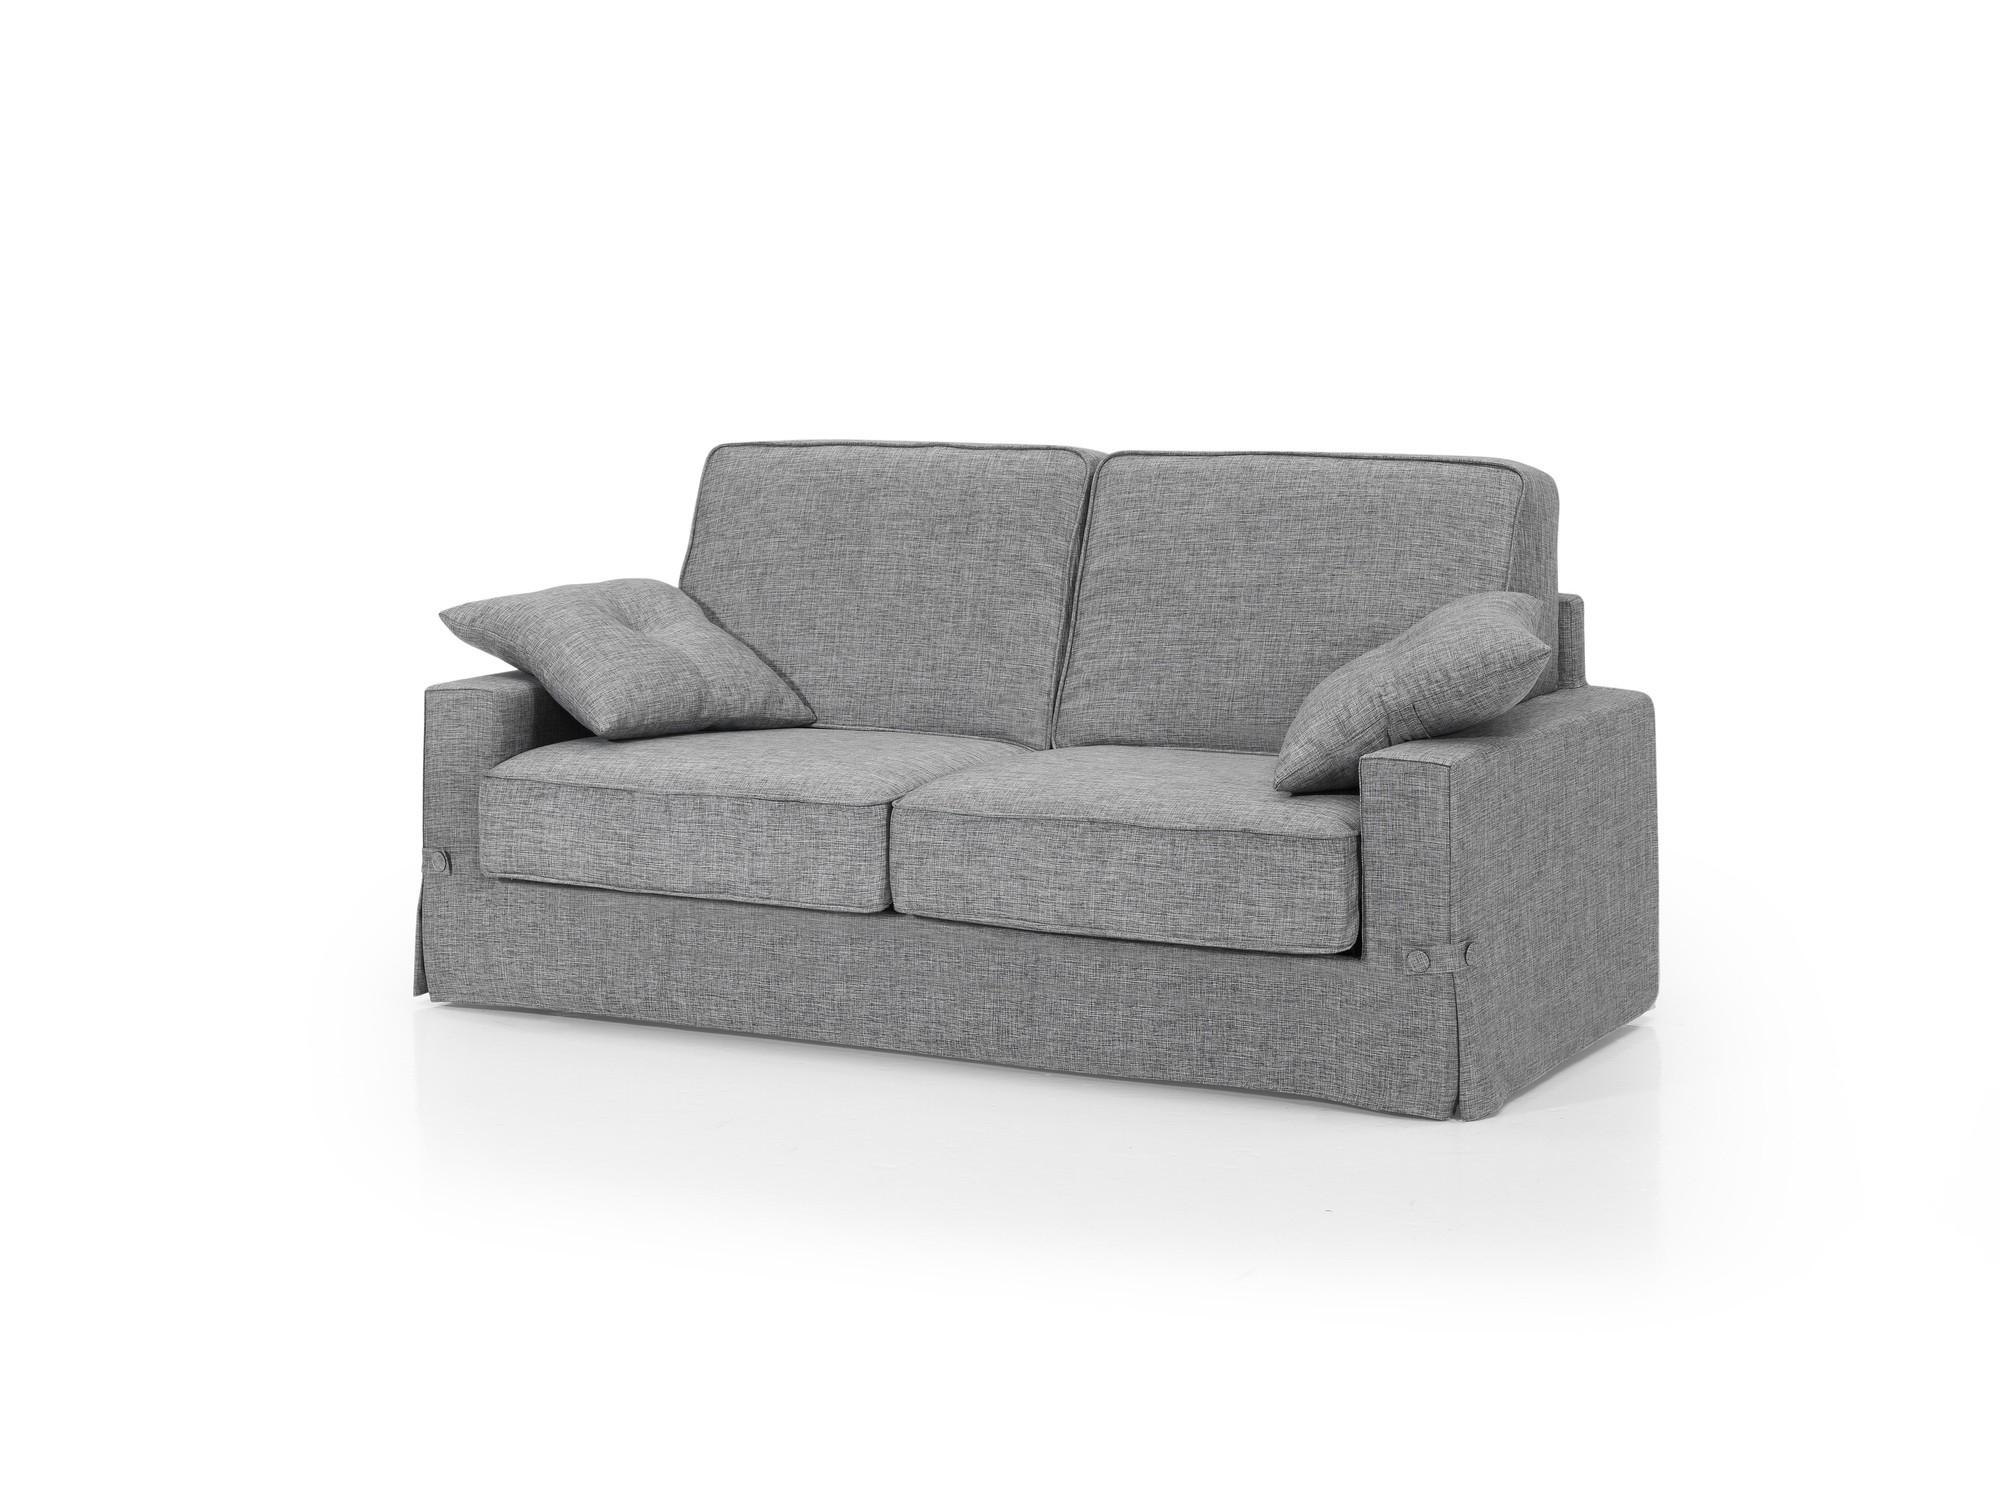 Centro sofa 3ldq Carino Prar sofa Cama Barato sofas Baratos Online La Mesa De Centro